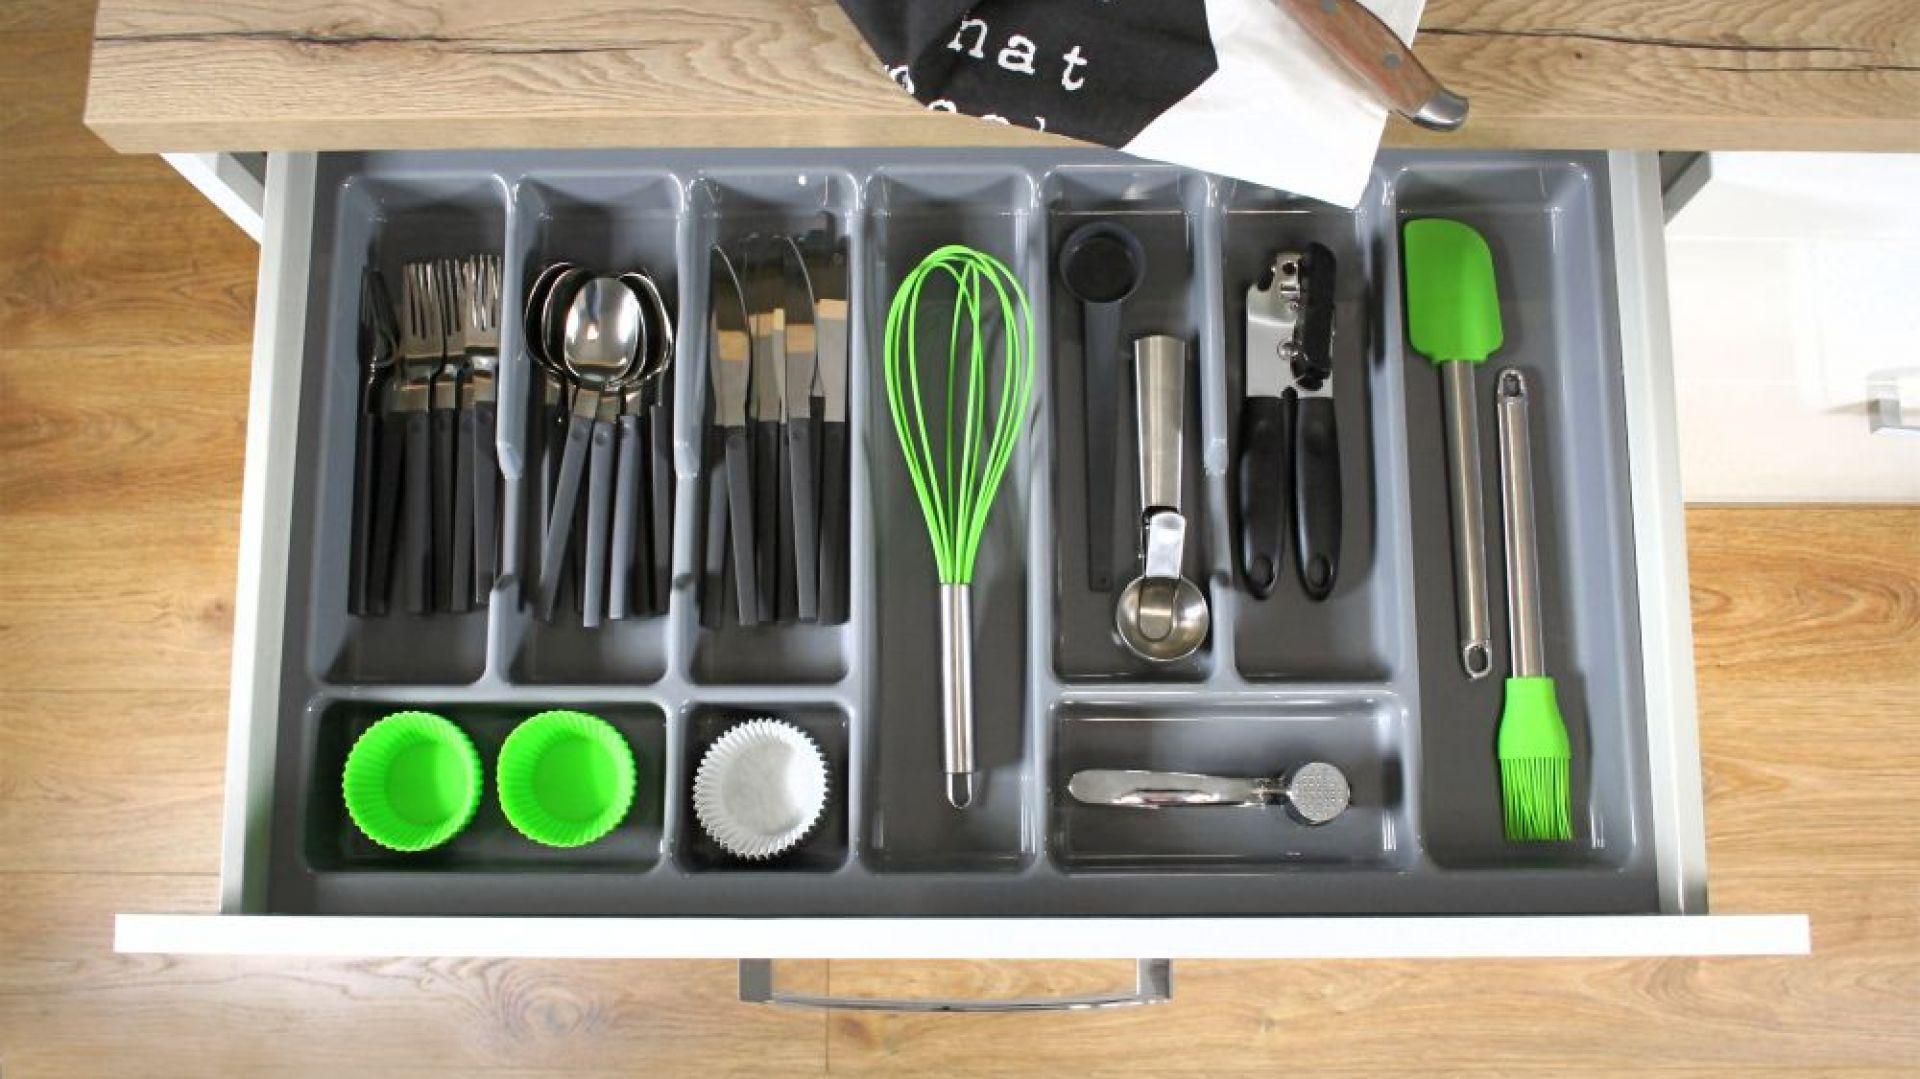 Wkład do szuflad  Comfort Box. Fot. Rejs